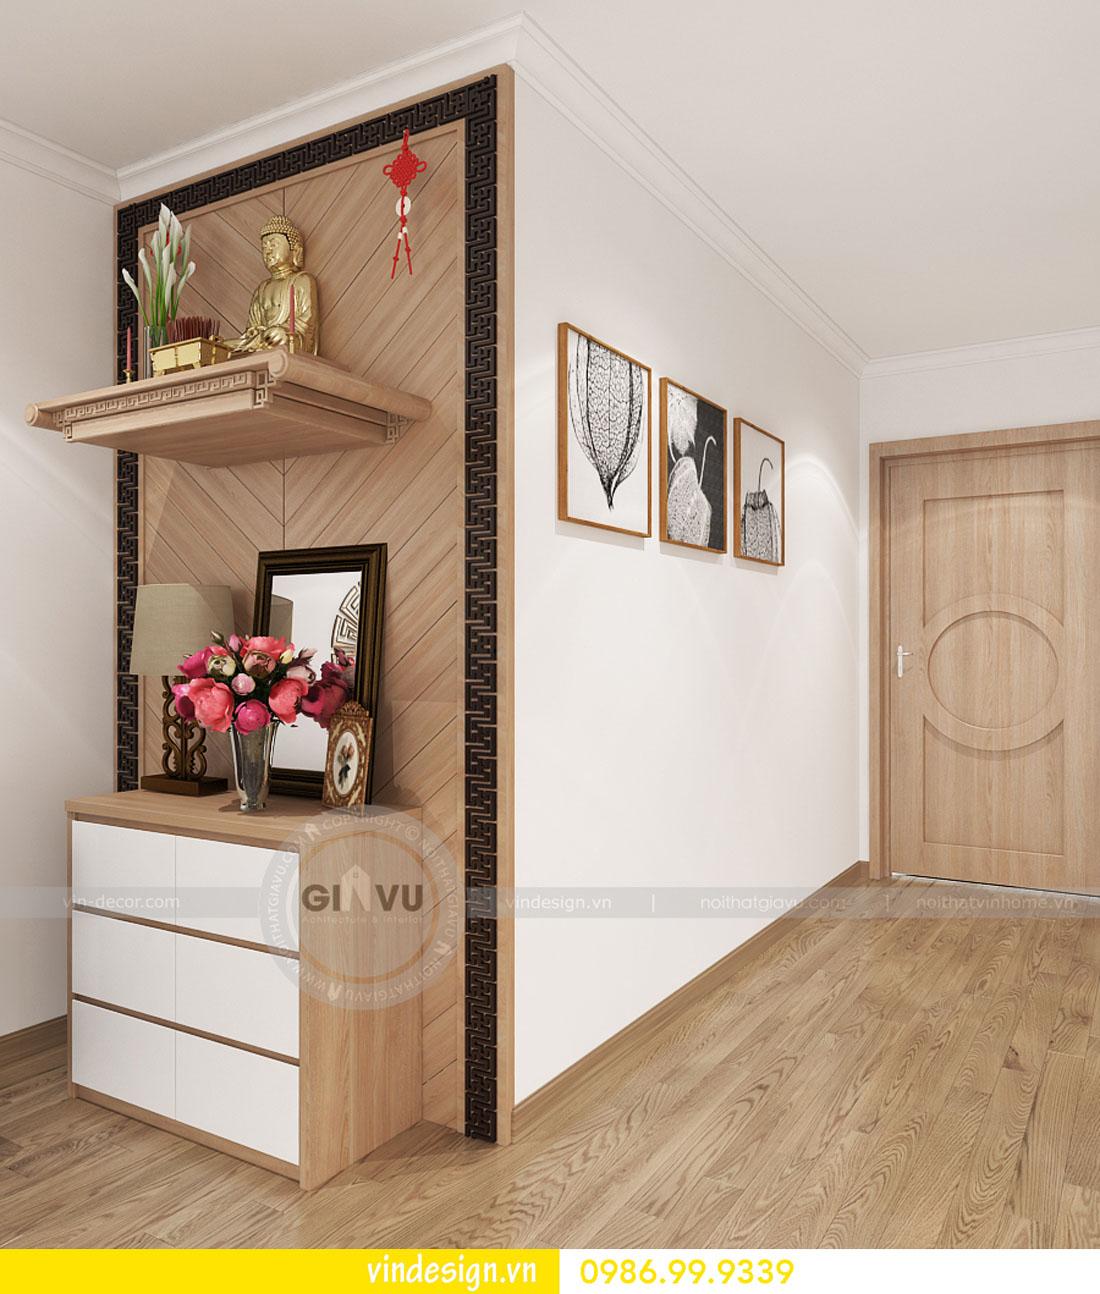 hoàn thiện nội thất chung cư Gardenia chỉ với 150 triệu 04